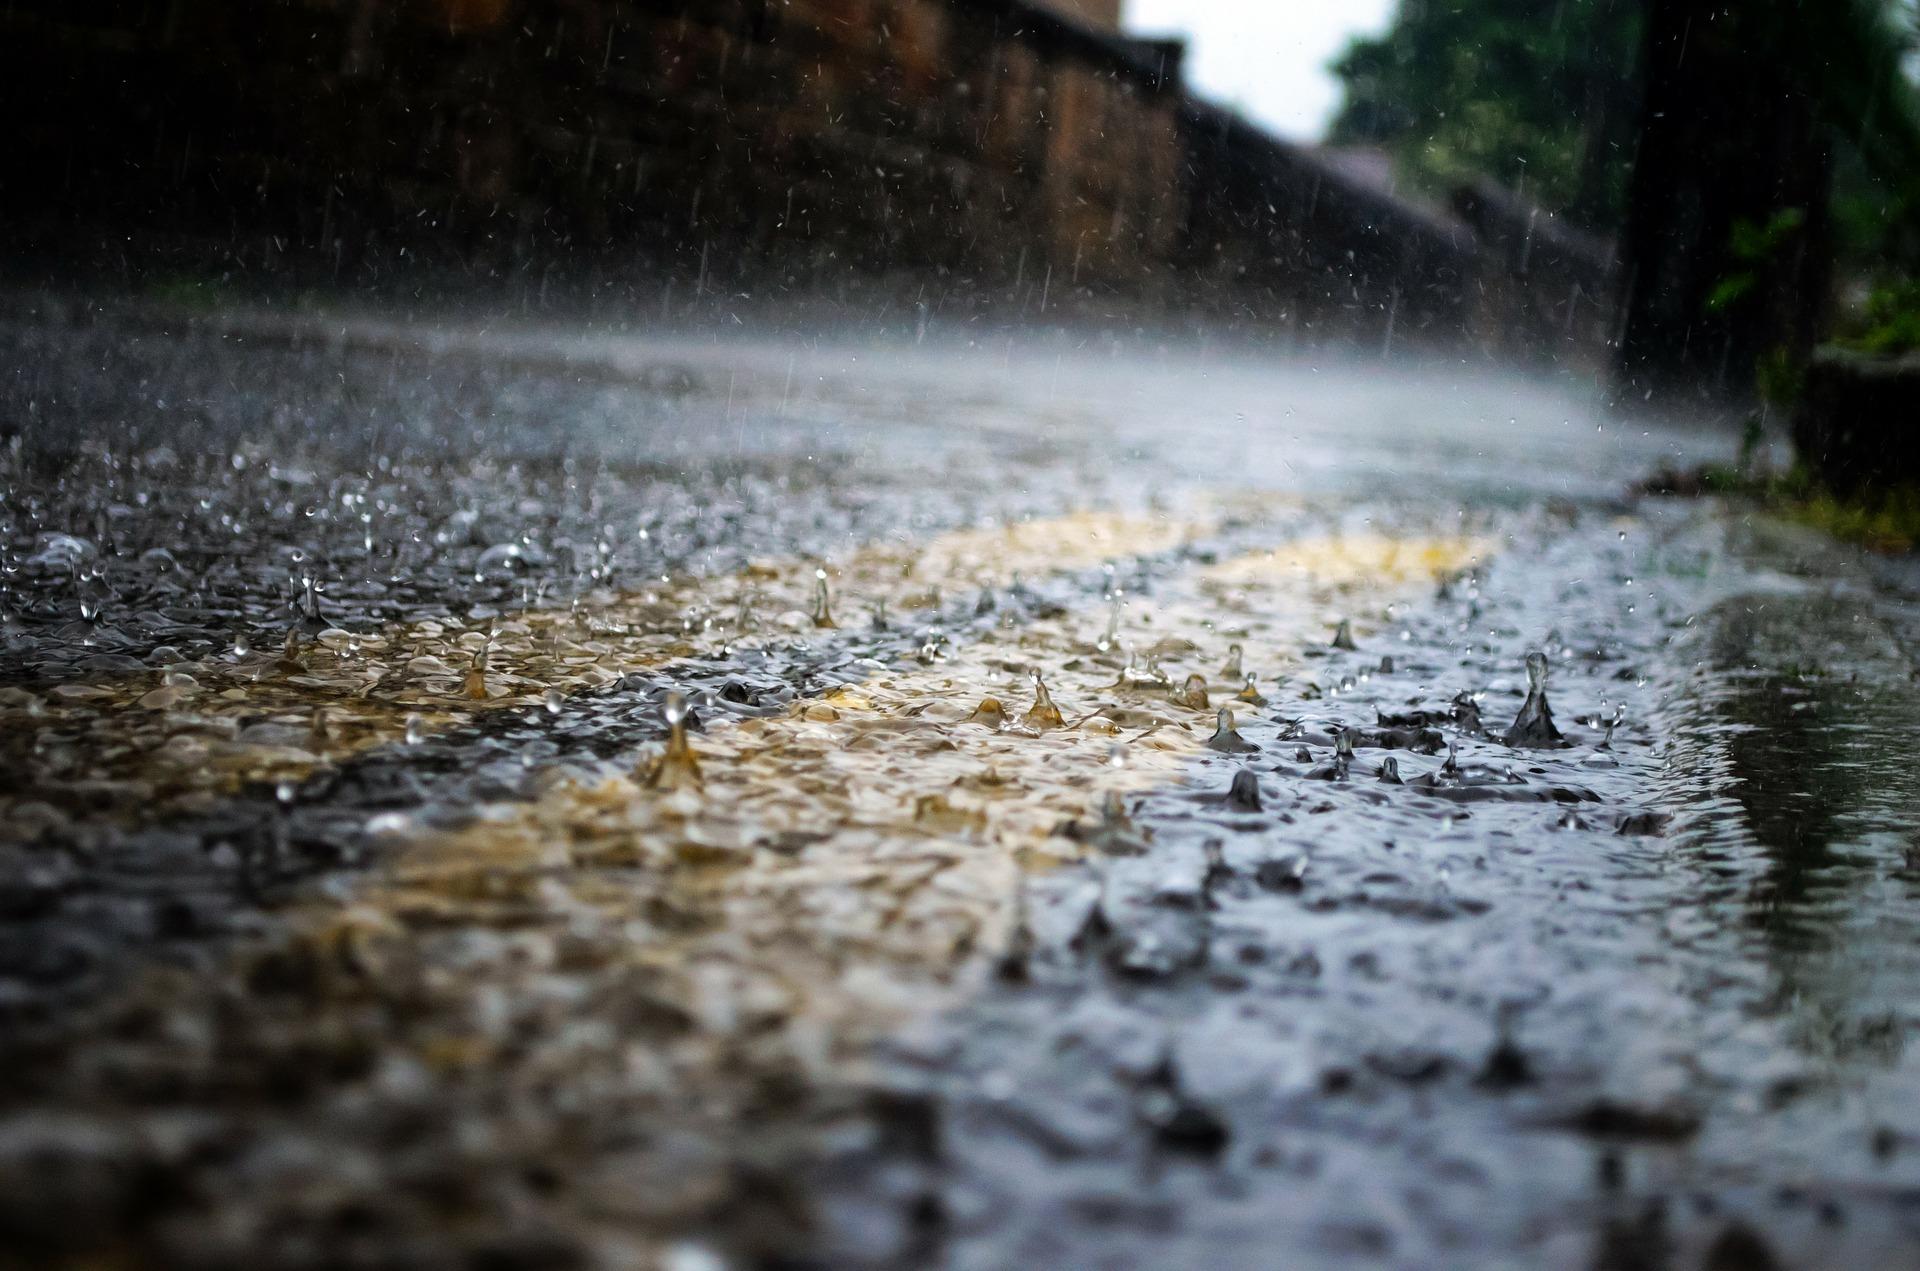 2020 es el segundo año más lluvioso en Tabasco después de 1970: Protección Civil